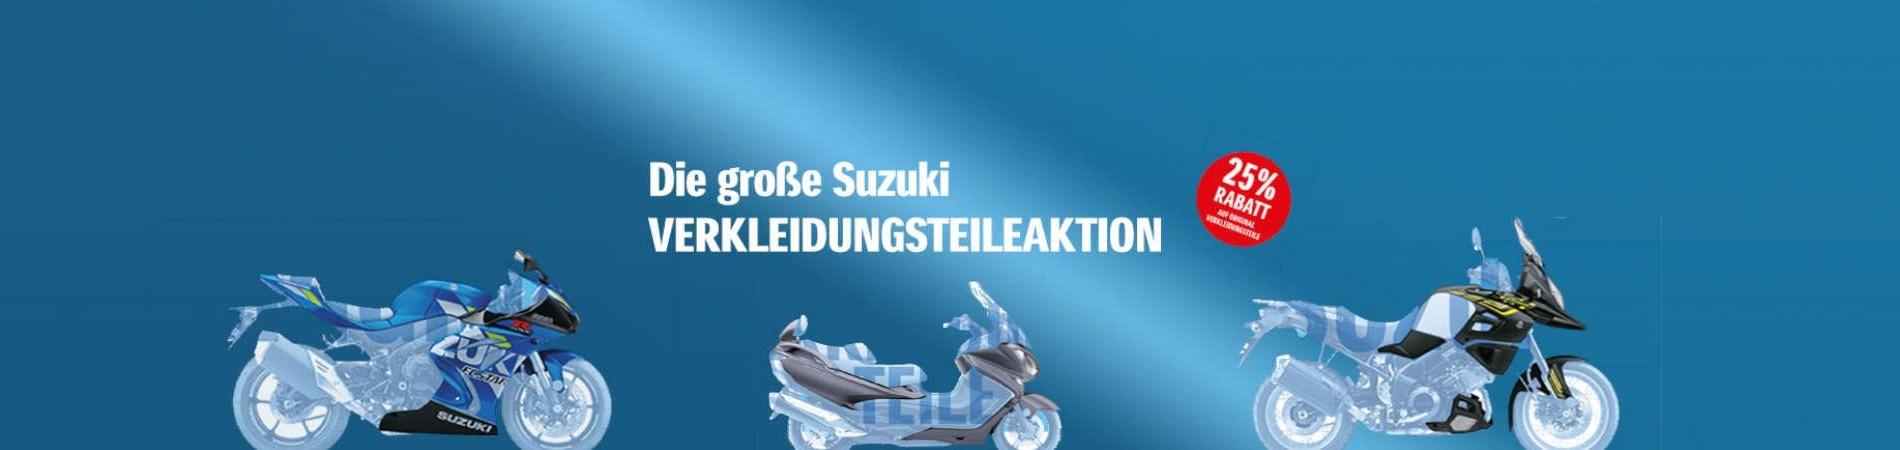 Lassen Sie Ihre Suzuki in neuem Glanz erstrahlen!